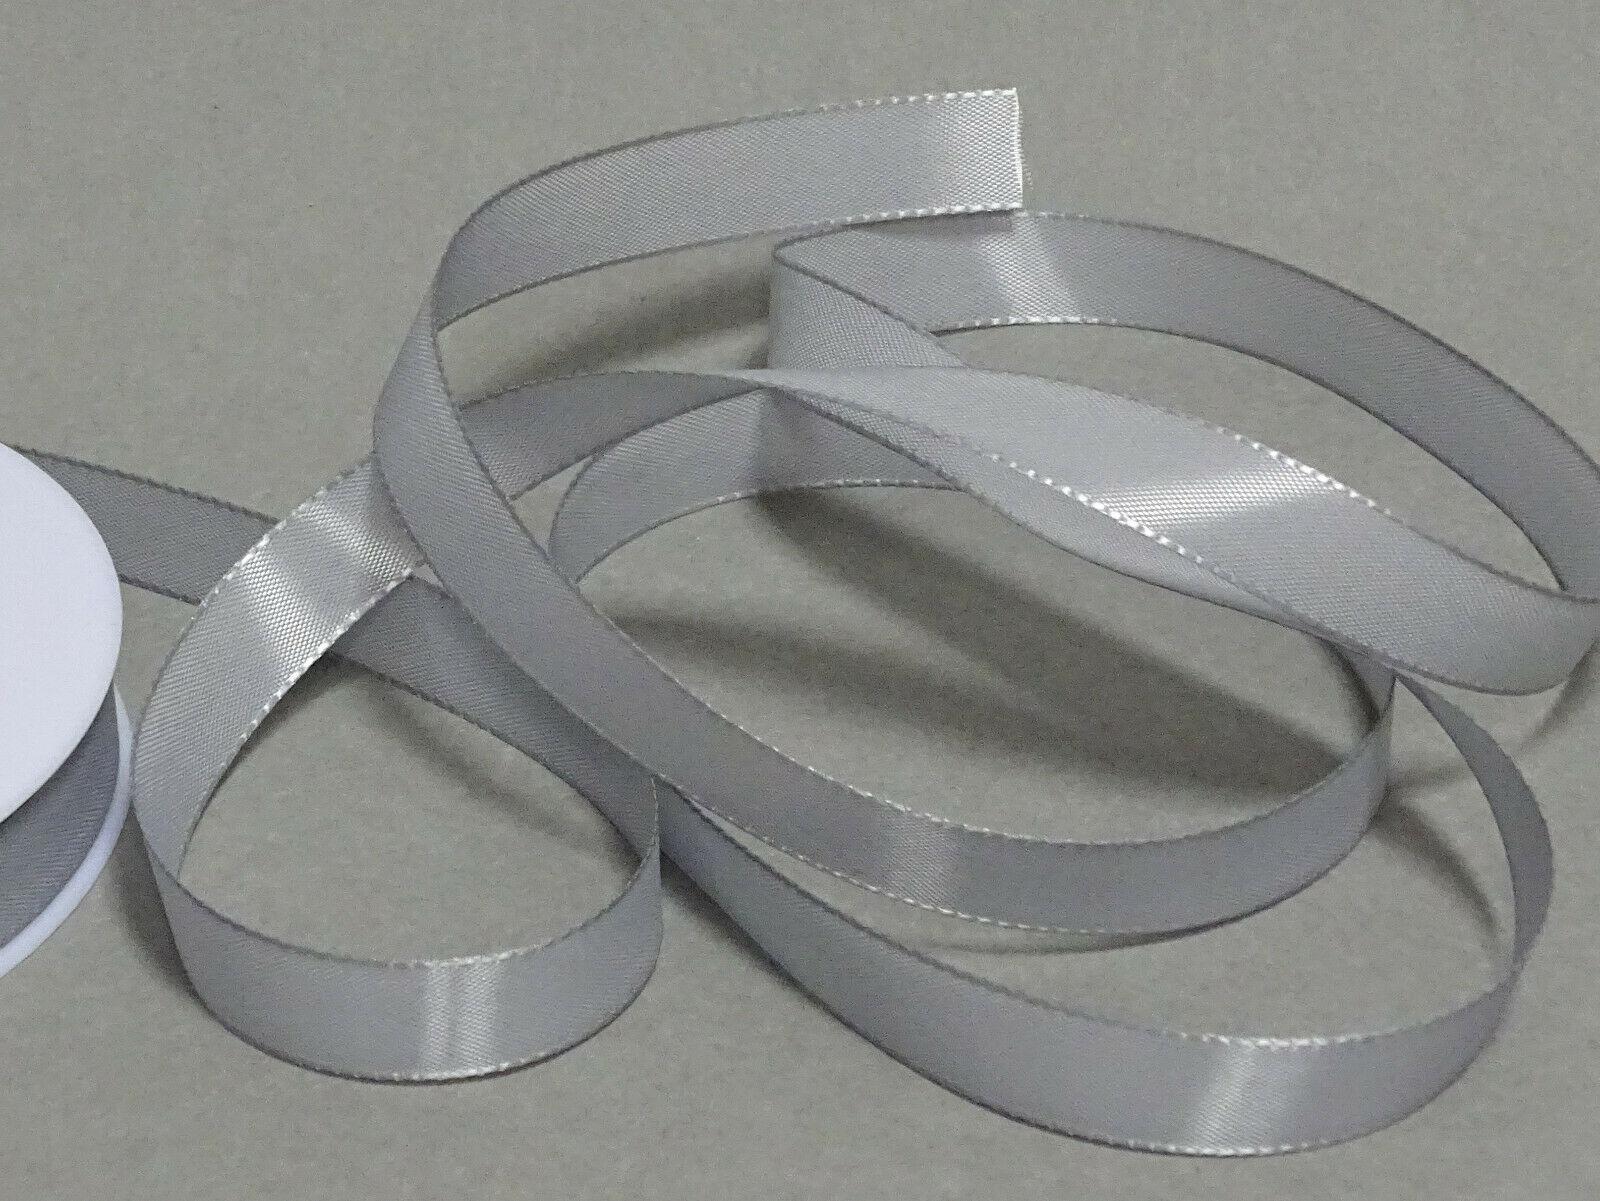 Seidenband Schleifenband 50 m x 15 / 25 / 40mm Dekoband ab 0,08€/m Geschenkband  - Silber-Grau 903, 15 mm x 50 m